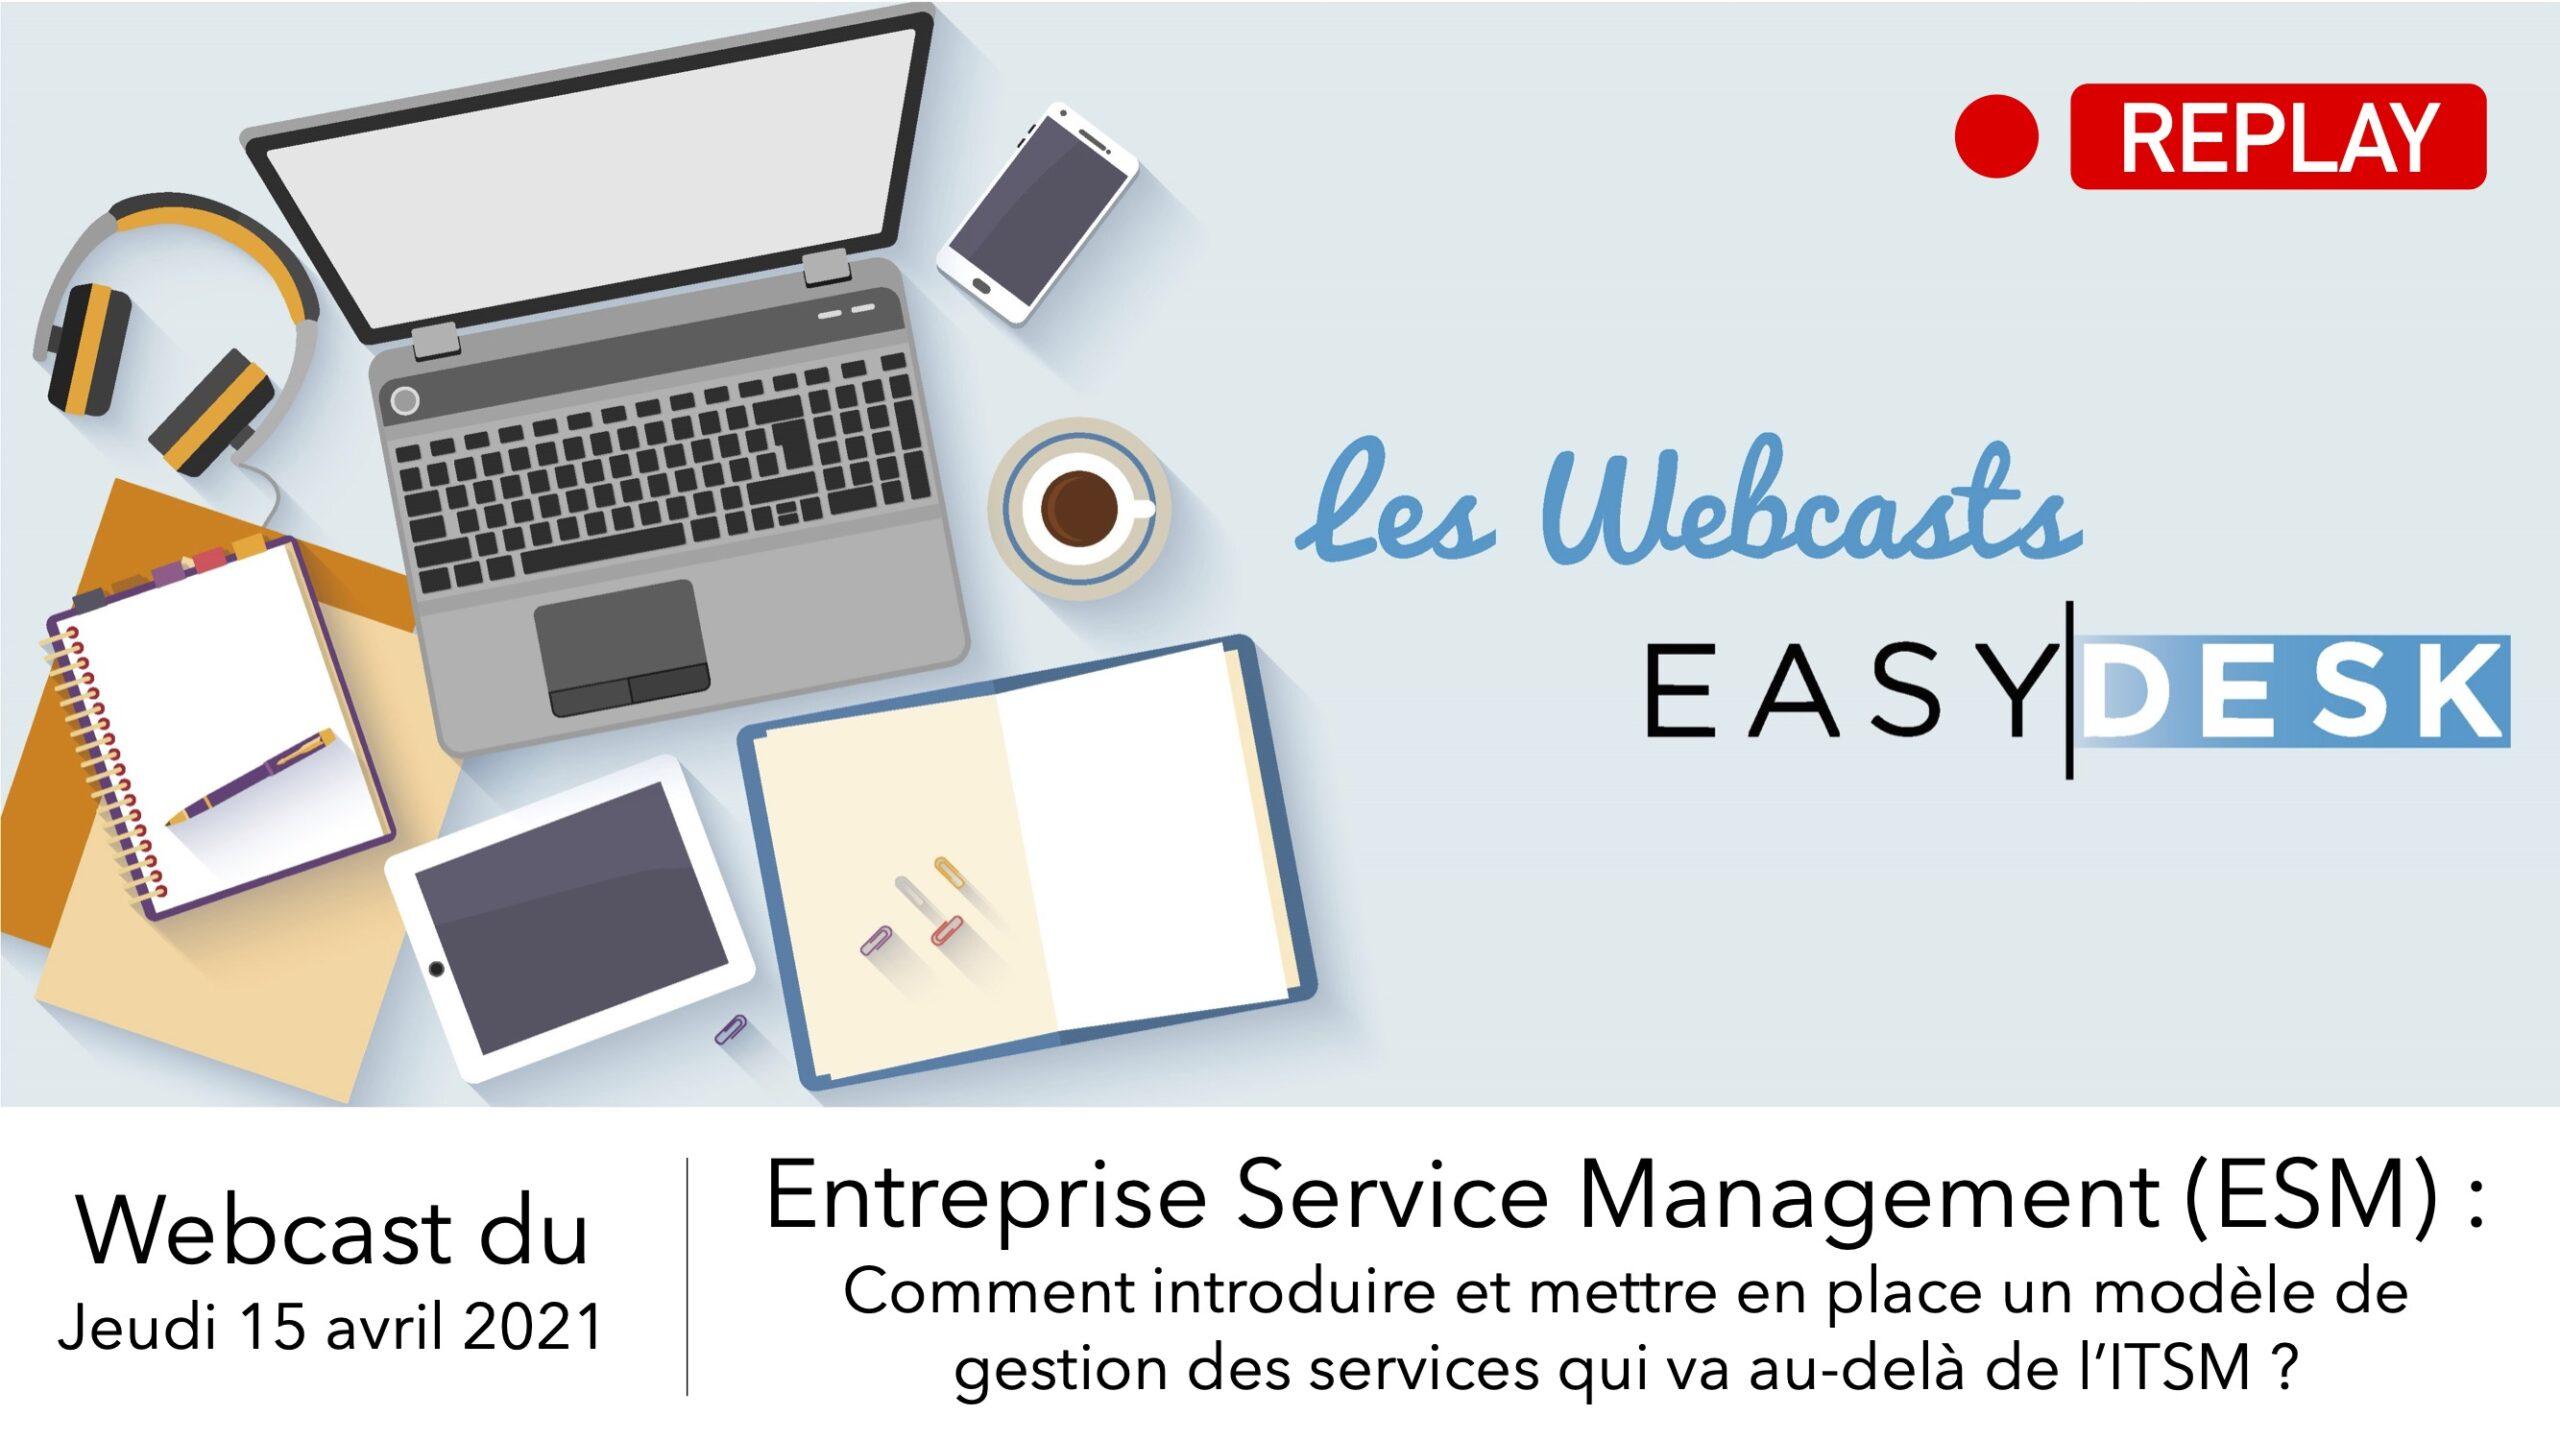 replay webcast : découvrez entreprise service management : comment introduire et mettre en place un modèle de gestion des services qui va au-delà de l'ITSM ?